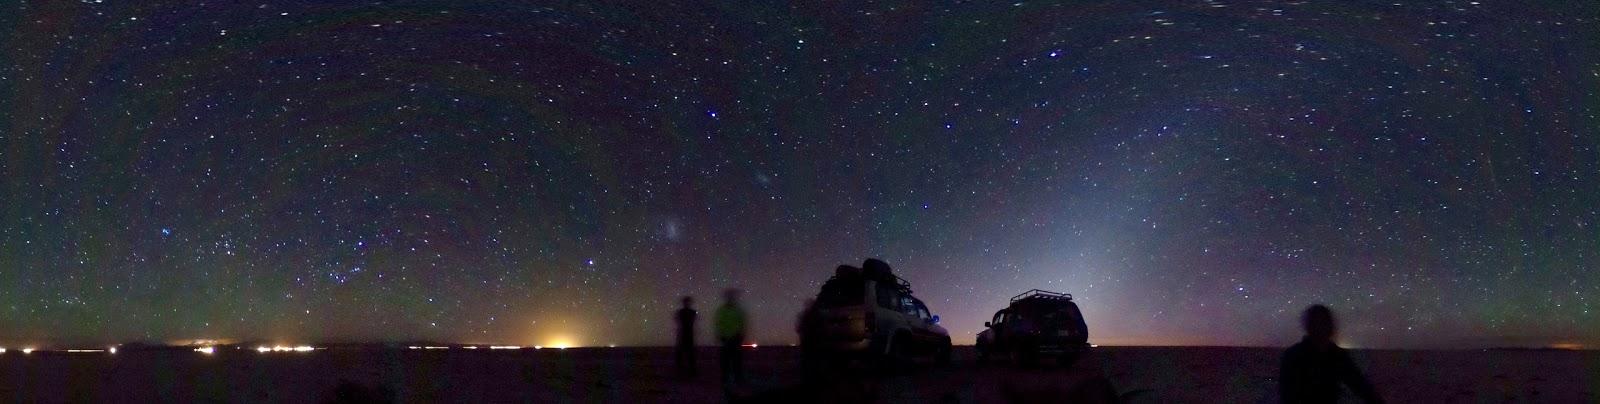 夜明け前は天の川と南十字星が上がってきますがウユニ塩湖の中までは行けませんので、塩のホテルの前から撮影しました。